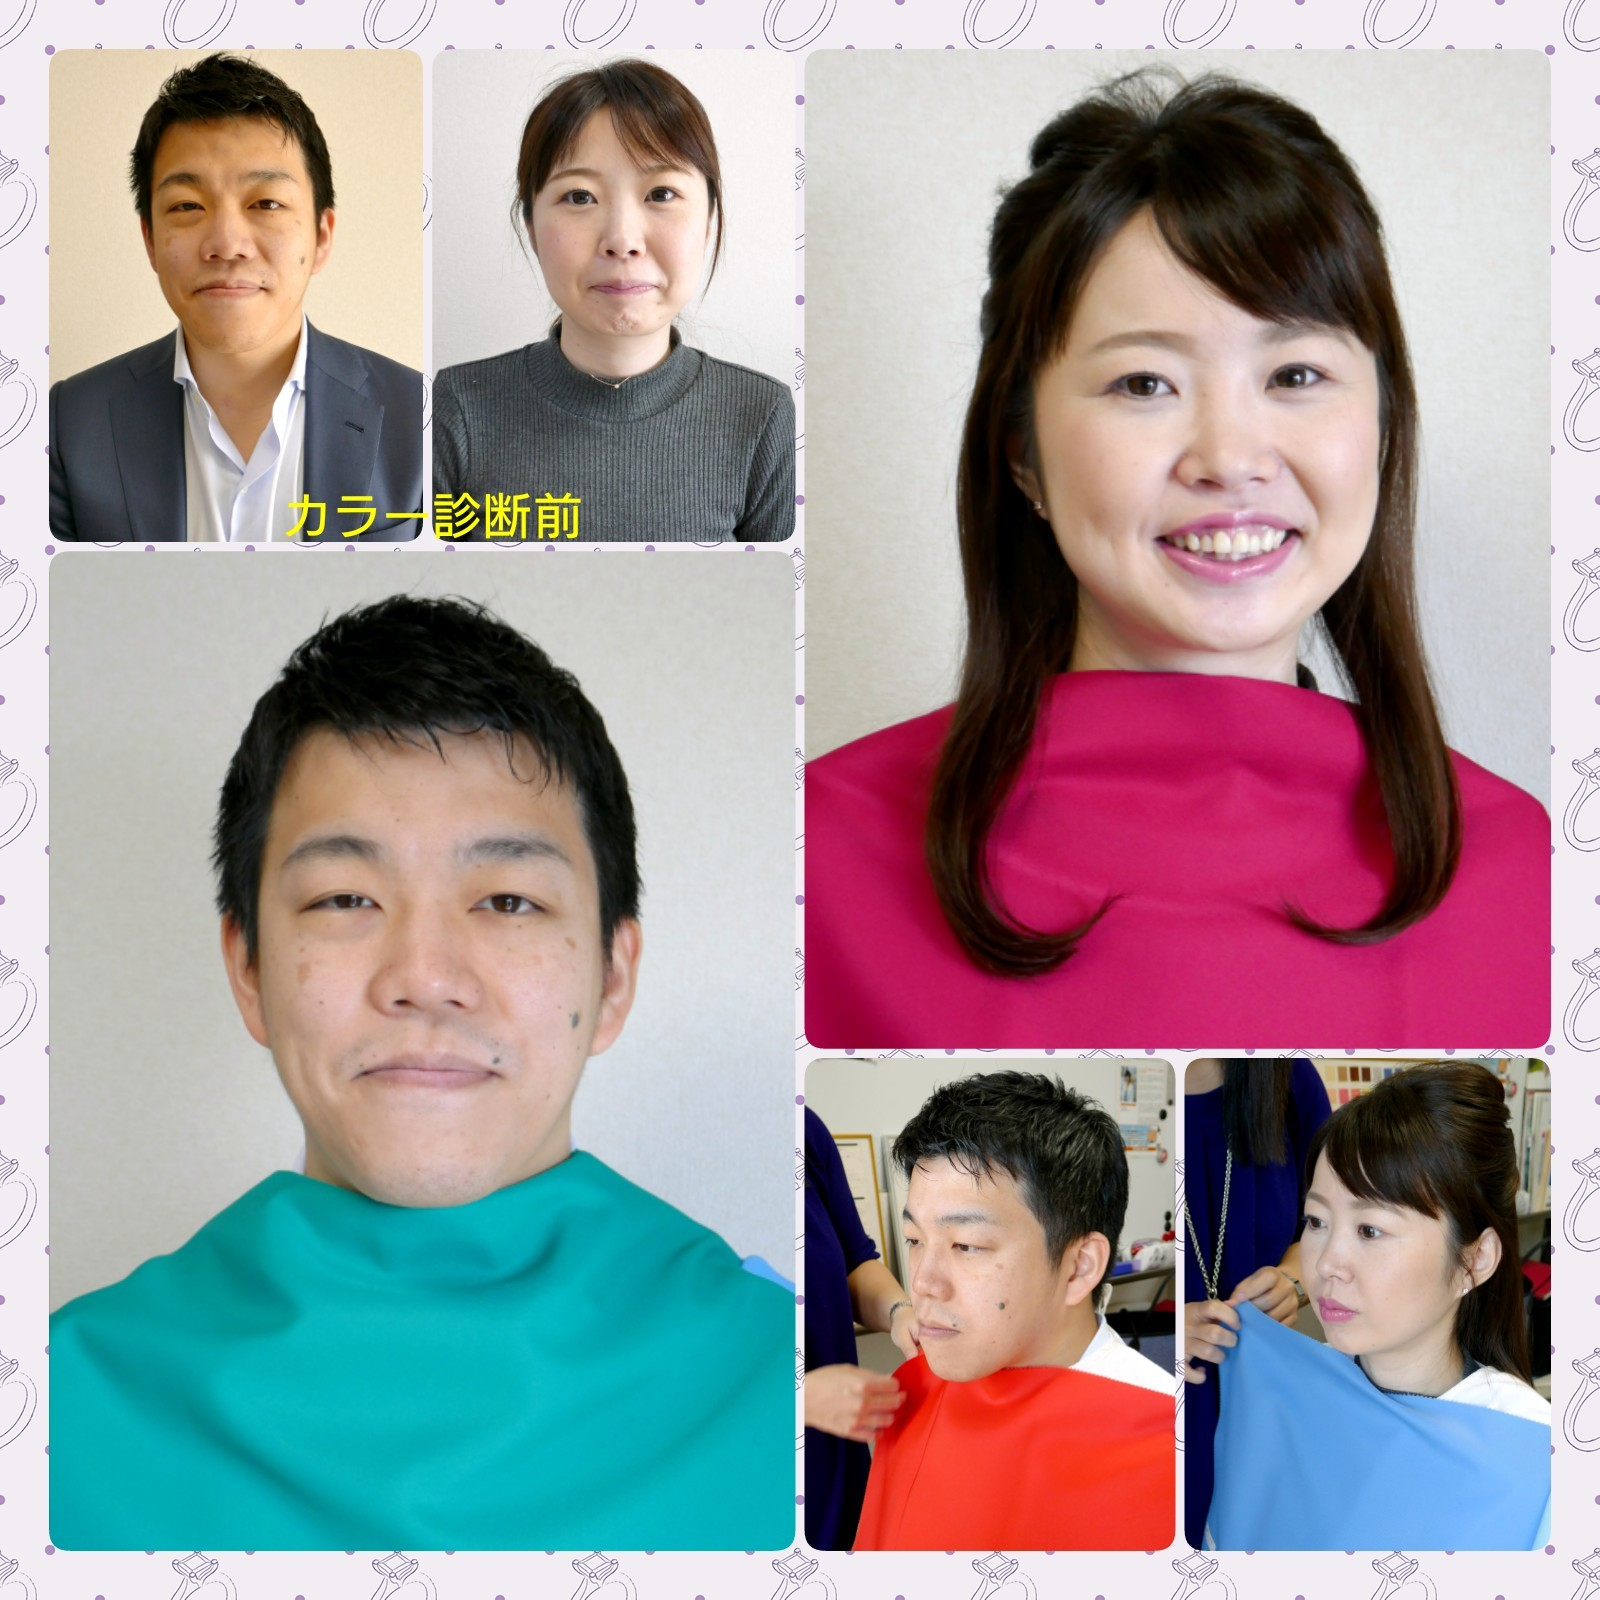 結婚式を控えカップルでカラー診断に♪_d0116430_16013646.jpg